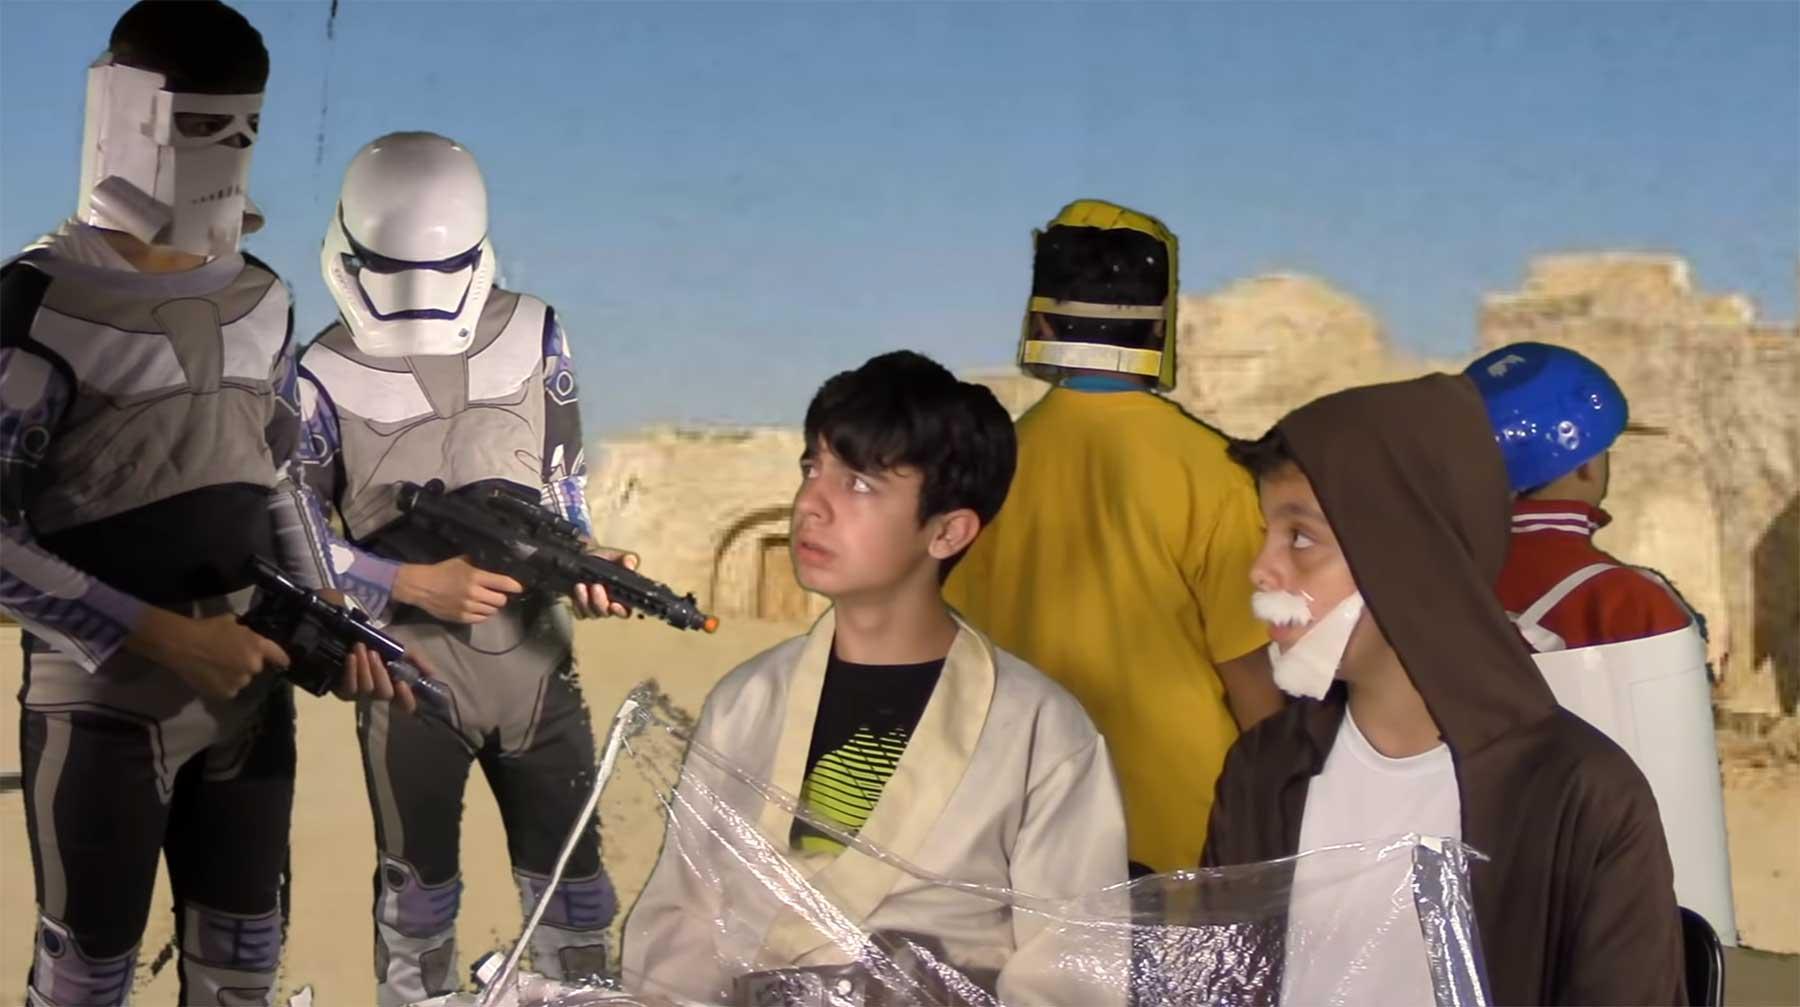 Kinder haben die komplette Episode IV von Star Wars nachgespielt